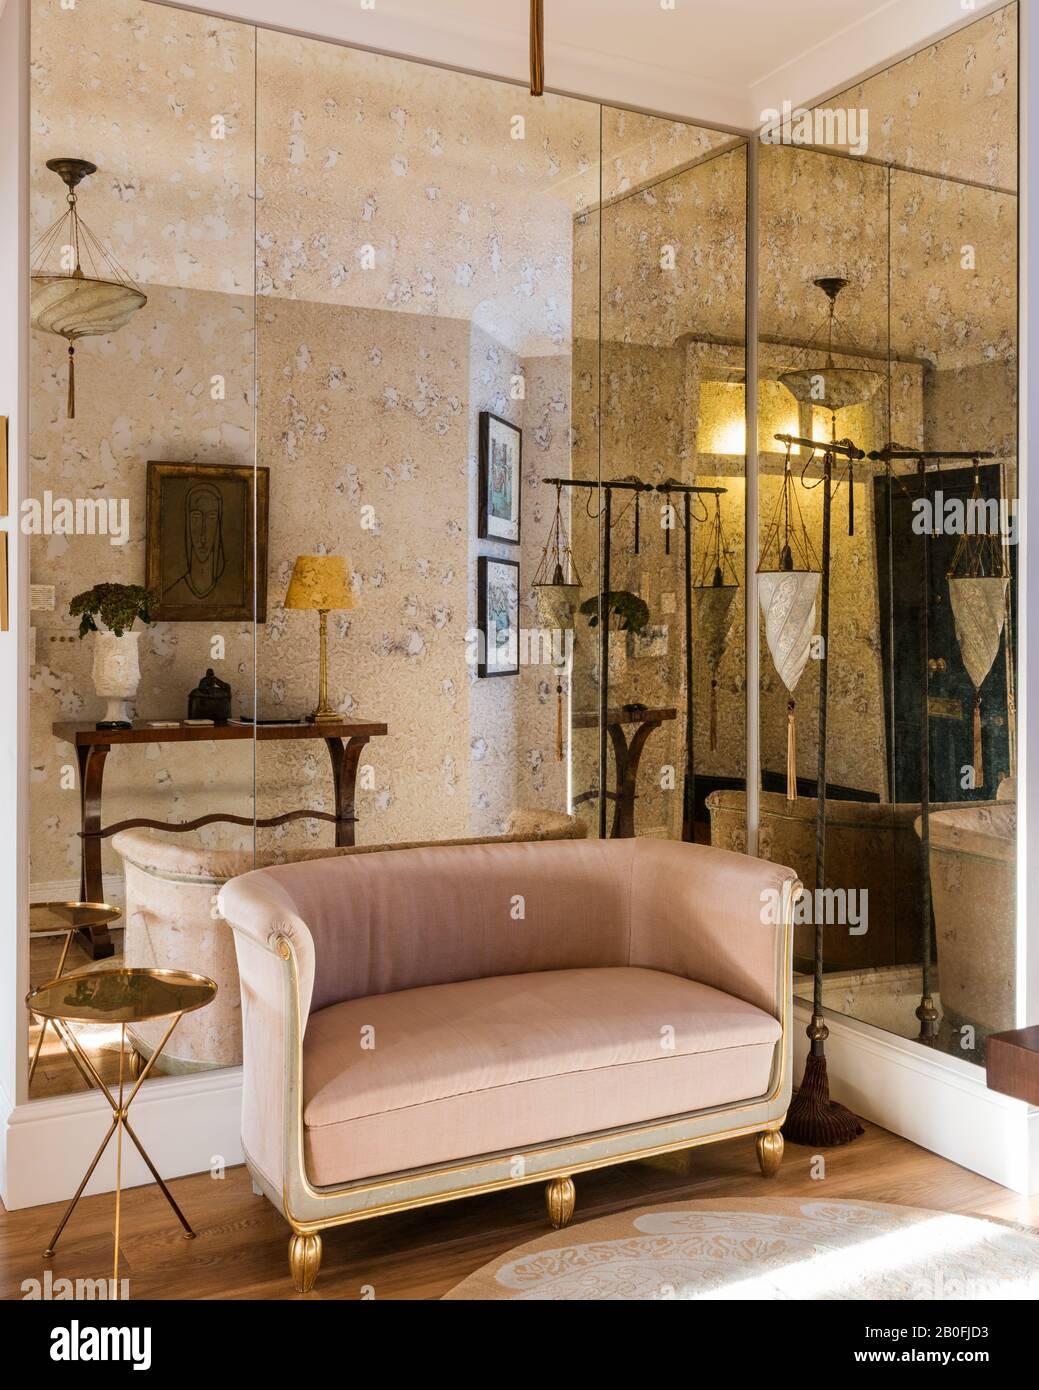 Parete a specchio con divano a due posti vintage francese rivestito in velluto rosa. Foto Stock